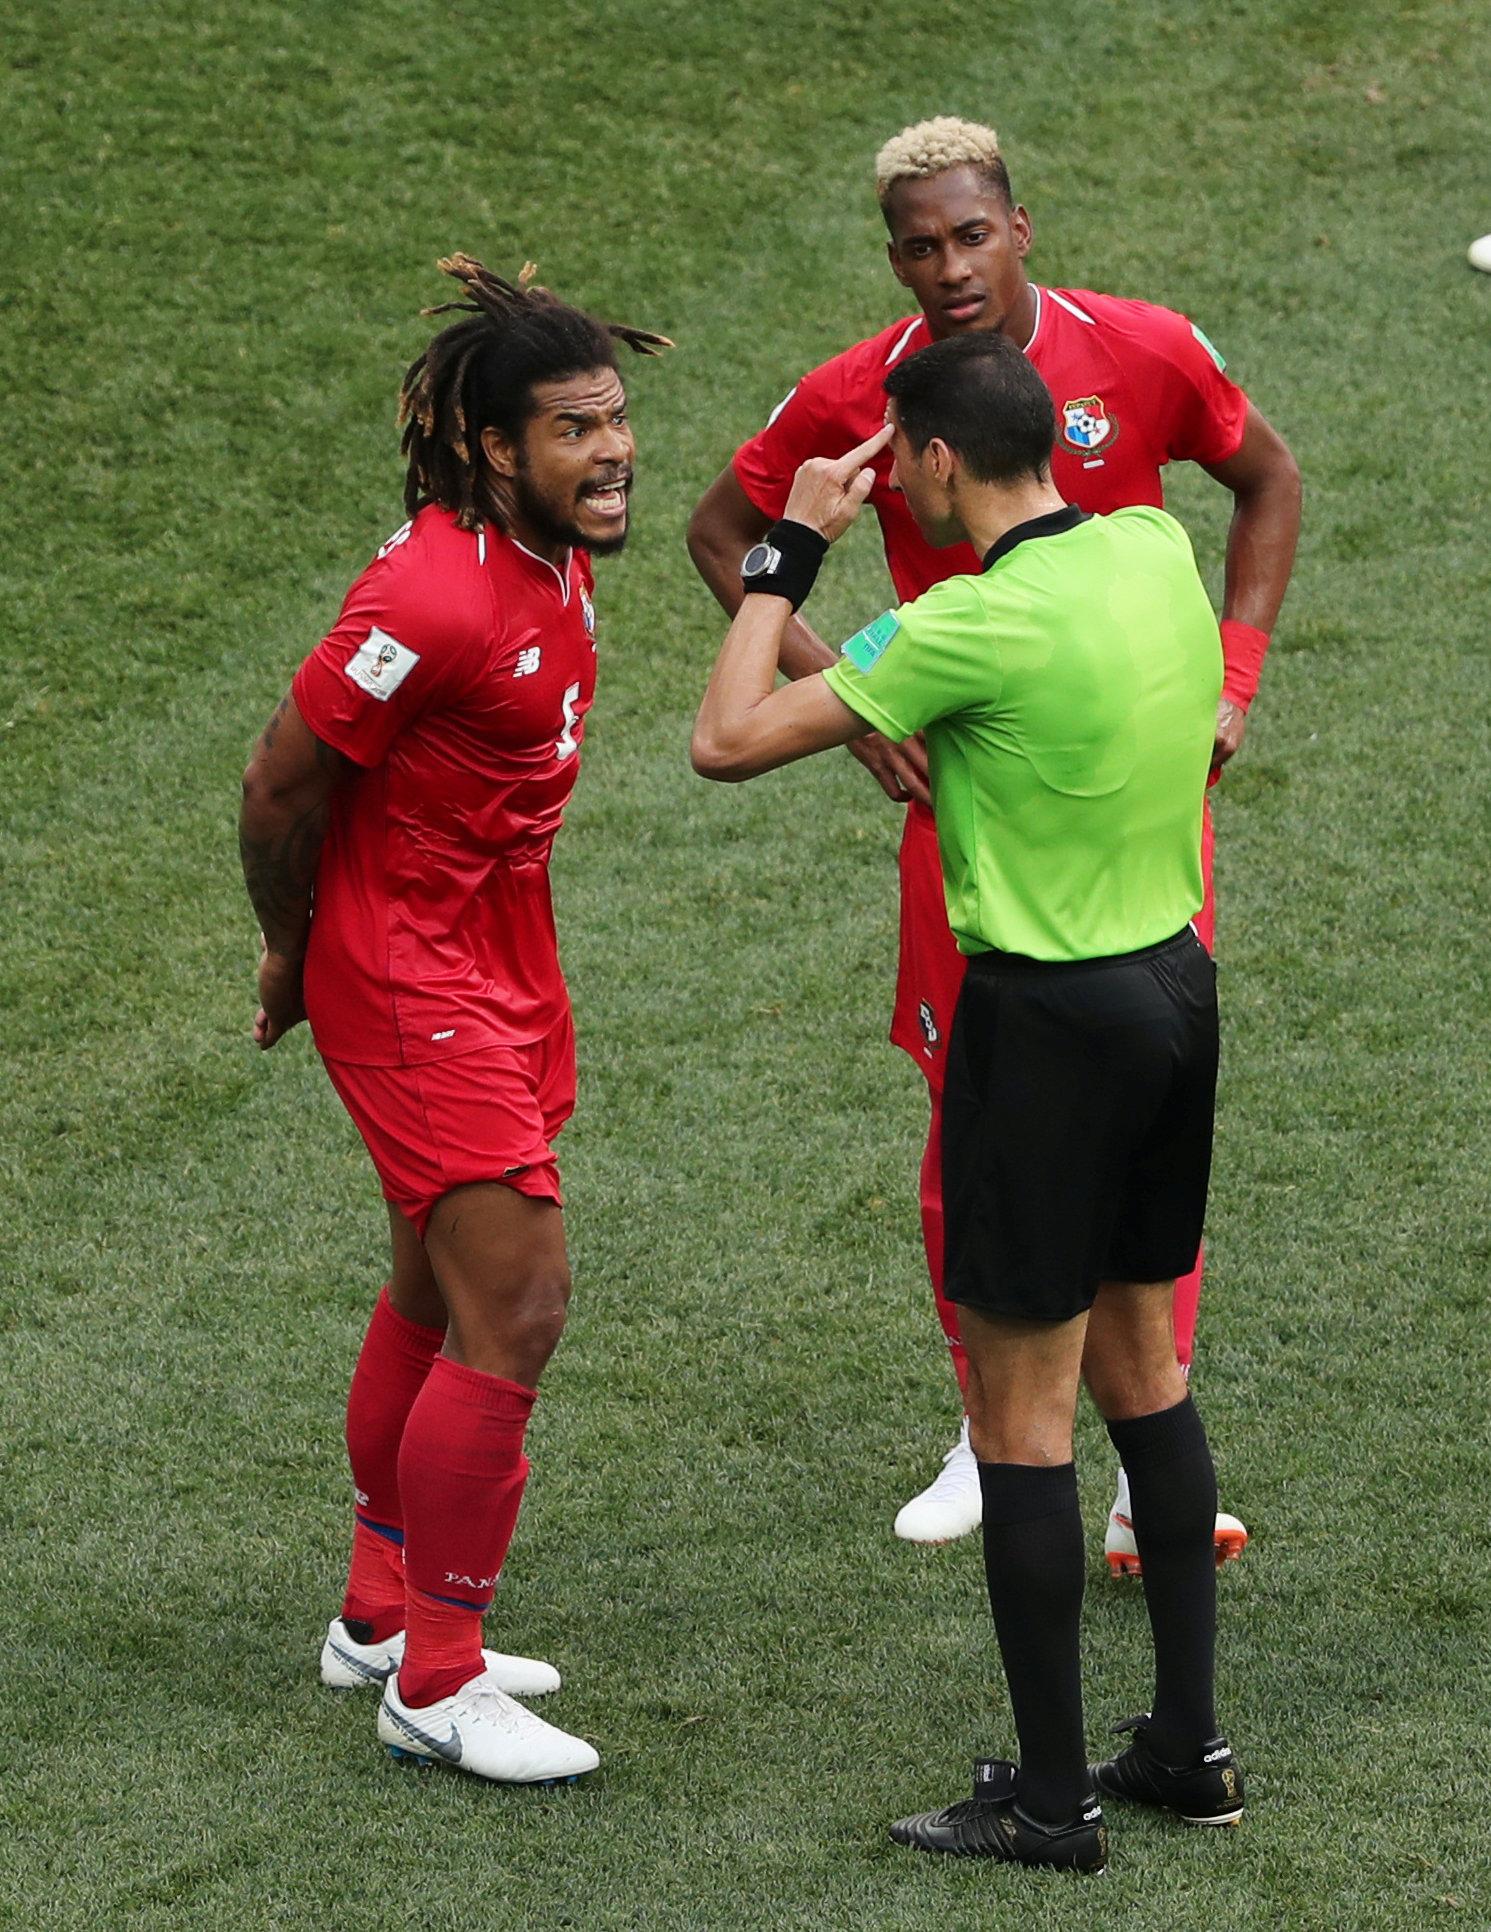 جهاد جريشة يتحدث مع لاعب منتخب بنما